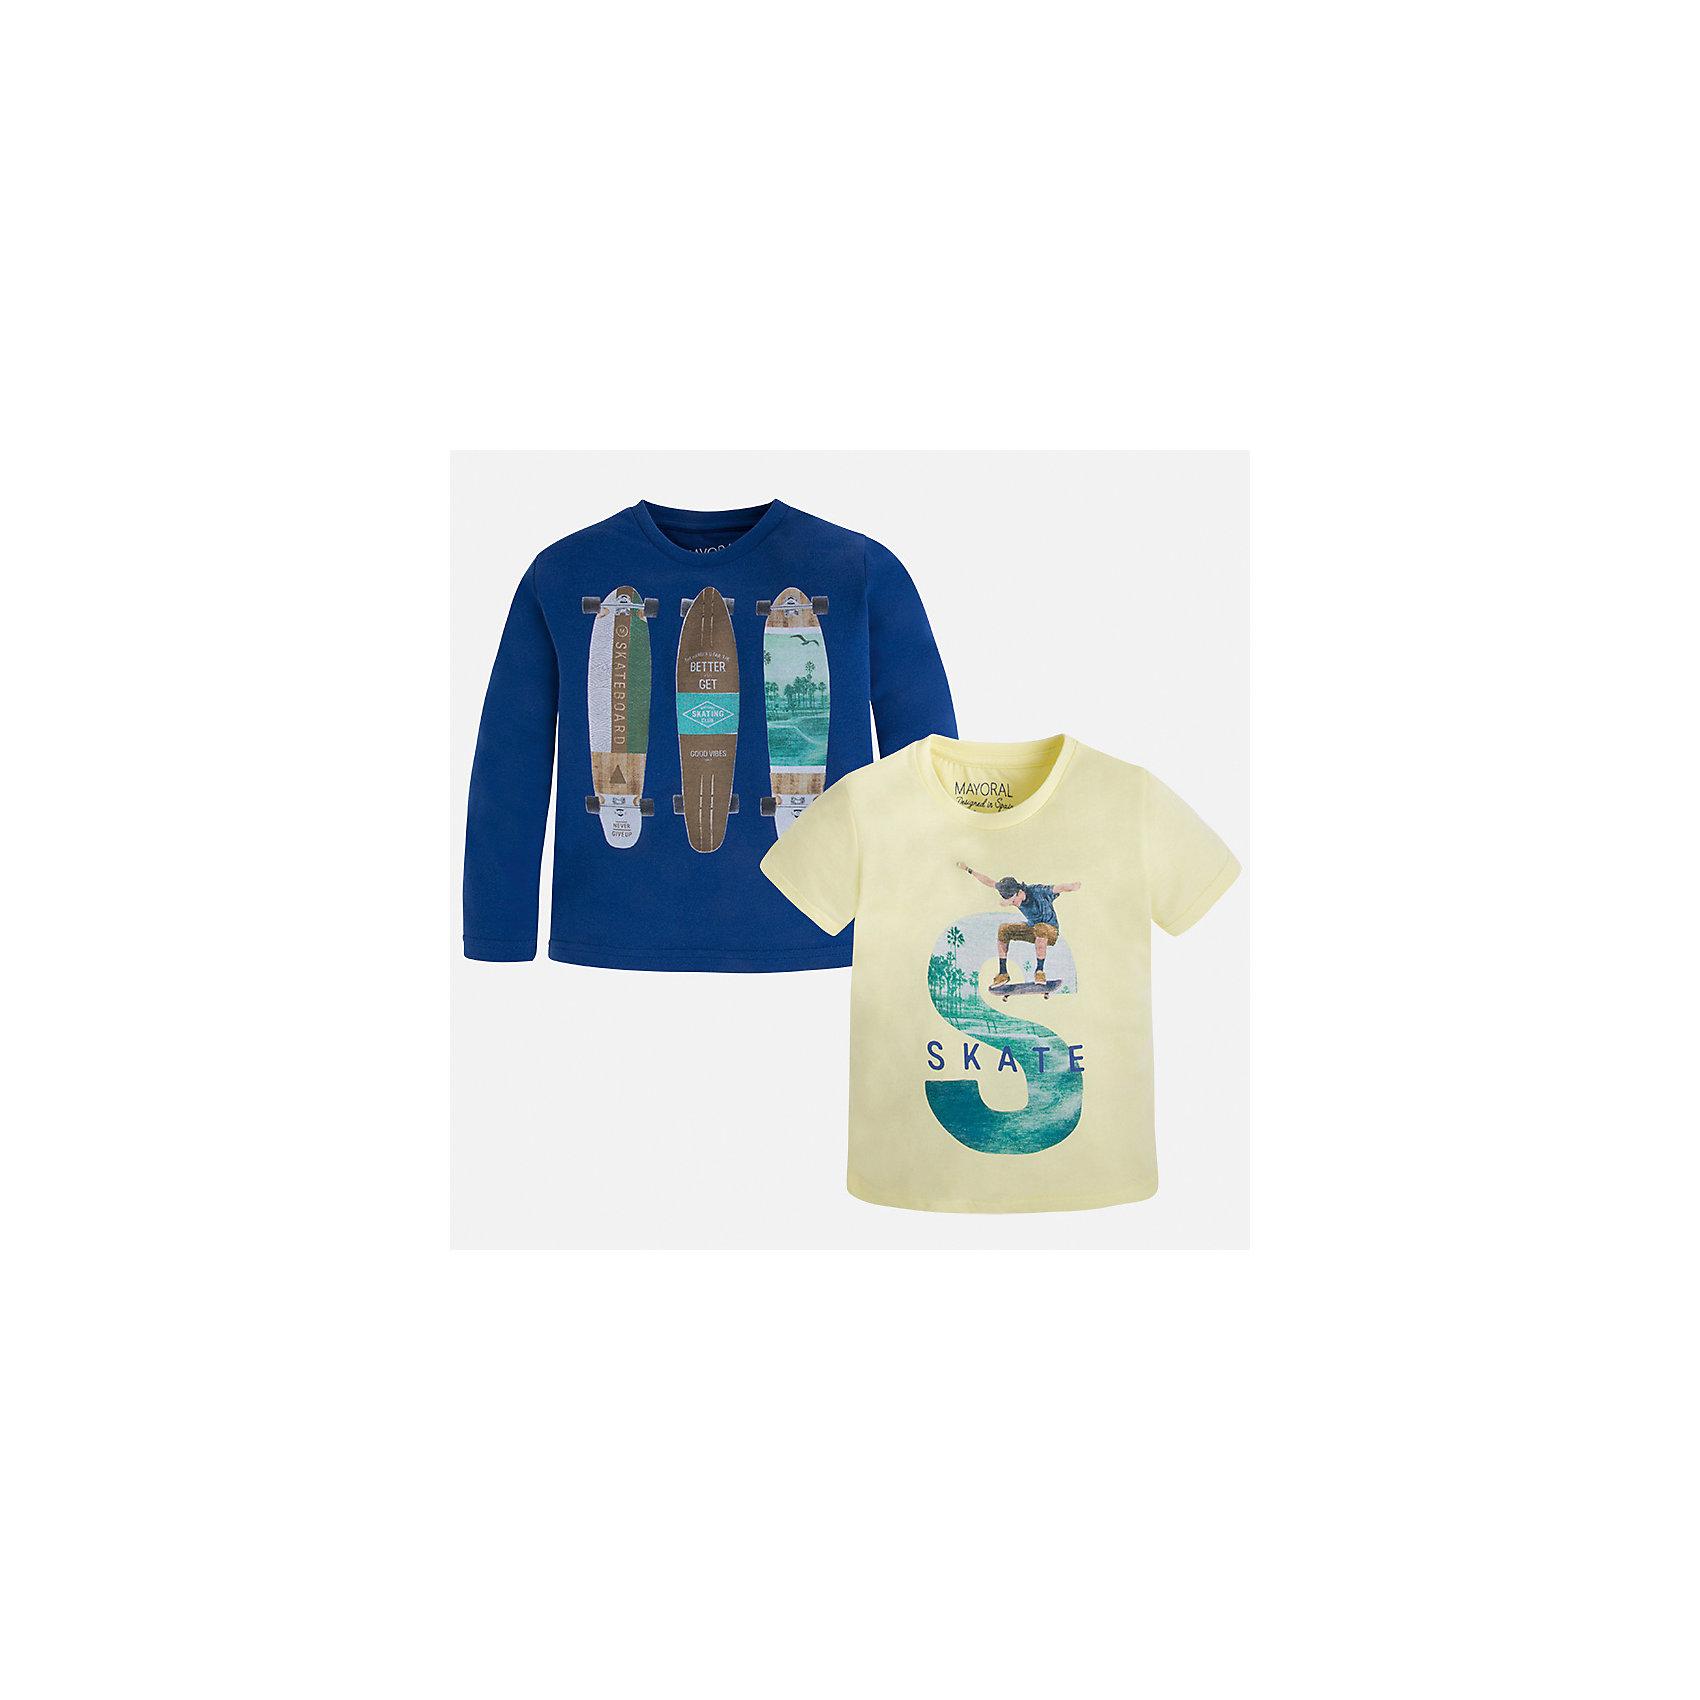 Комплект: футболка и футболка с длинным рукавом для мальчика MayoralКомплекты<br>Характеристики товара:<br><br>• цвет: желтый/синий<br>• состав: лонгслив - 100% хлопок; футболка - 60% хлопок, 40% полиэстер<br>• комплектация: футболка и футболка с длинным рукавом <br>• круглый горловой вырез<br>• декорированы принтом<br>• отделка горловины<br>• страна бренда: Испания<br><br>Удобная модная футболка с принтом поможет разнообразить гардероб мальчика. Она отлично сочетается с брюками, шортами, джинсами. Универсальный крой и цвет позволяет подобрать к вещи низ разных расцветок. Практичное и стильное изделие! Хорошо смотрится и комфортно сидит на детях. В составе материала - только натуральный хлопок, гипоаллергенный, приятный на ощупь, дышащий. В комплекте - сразу две стильные вещи!<br><br>Одежда, обувь и аксессуары от испанского бренда Mayoral полюбились детям и взрослым по всему миру. Модели этой марки - стильные и удобные. Для их производства используются только безопасные, качественные материалы и фурнитура. Порадуйте ребенка модными и красивыми вещами от Mayoral! <br><br>Комплект: футболка и футболка с длинным рукавом для мальчика от испанского бренда Mayoral (Майорал) можно купить в нашем интернет-магазине.<br><br>Ширина мм: 199<br>Глубина мм: 10<br>Высота мм: 161<br>Вес г: 151<br>Цвет: белый<br>Возраст от месяцев: 72<br>Возраст до месяцев: 84<br>Пол: Мужской<br>Возраст: Детский<br>Размер: 122,134,128,116,110,104,98,92<br>SKU: 5280273